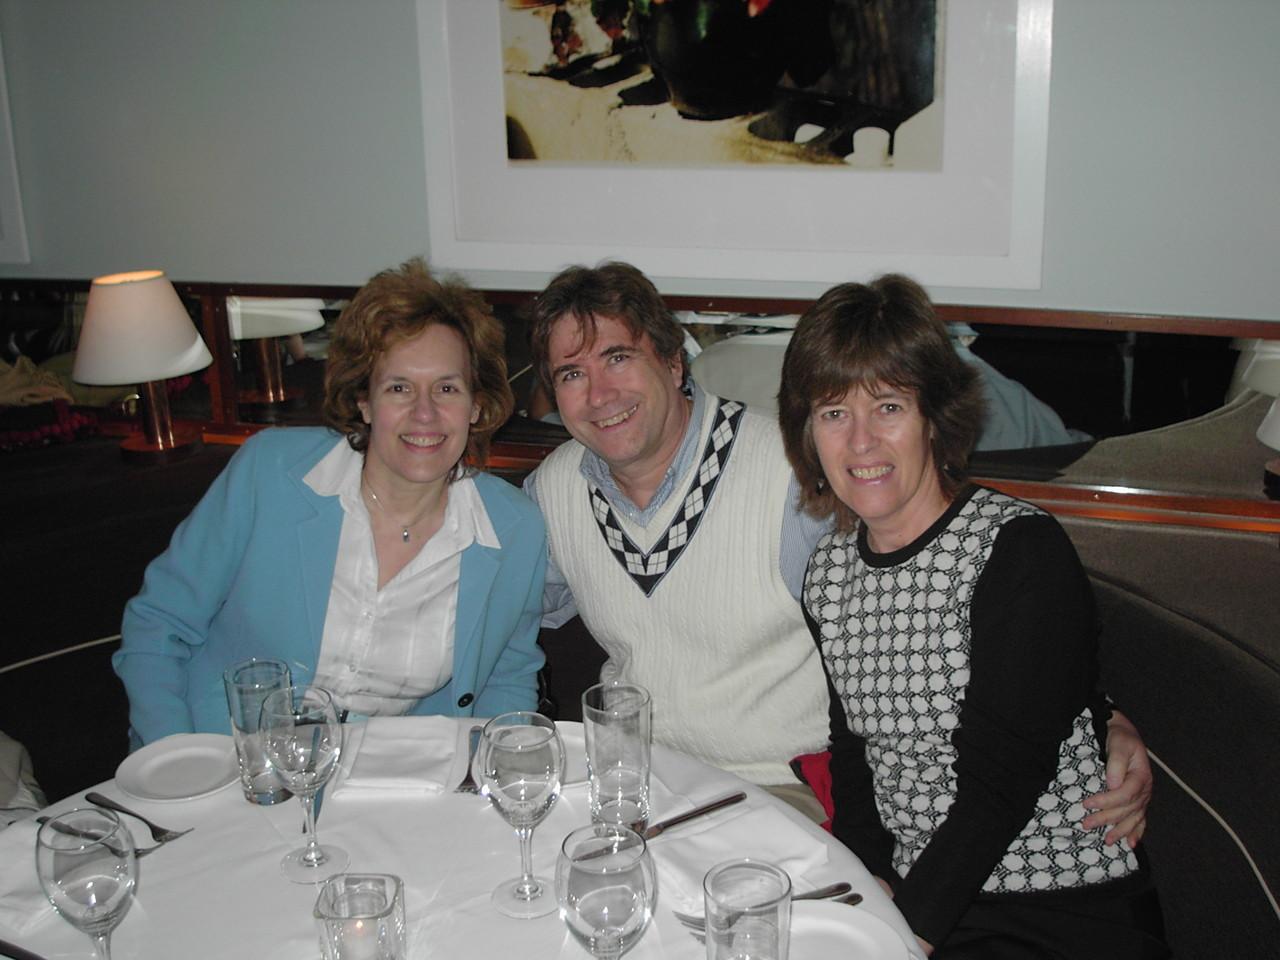 Lorraine, John, & Nancy 2005? NYC